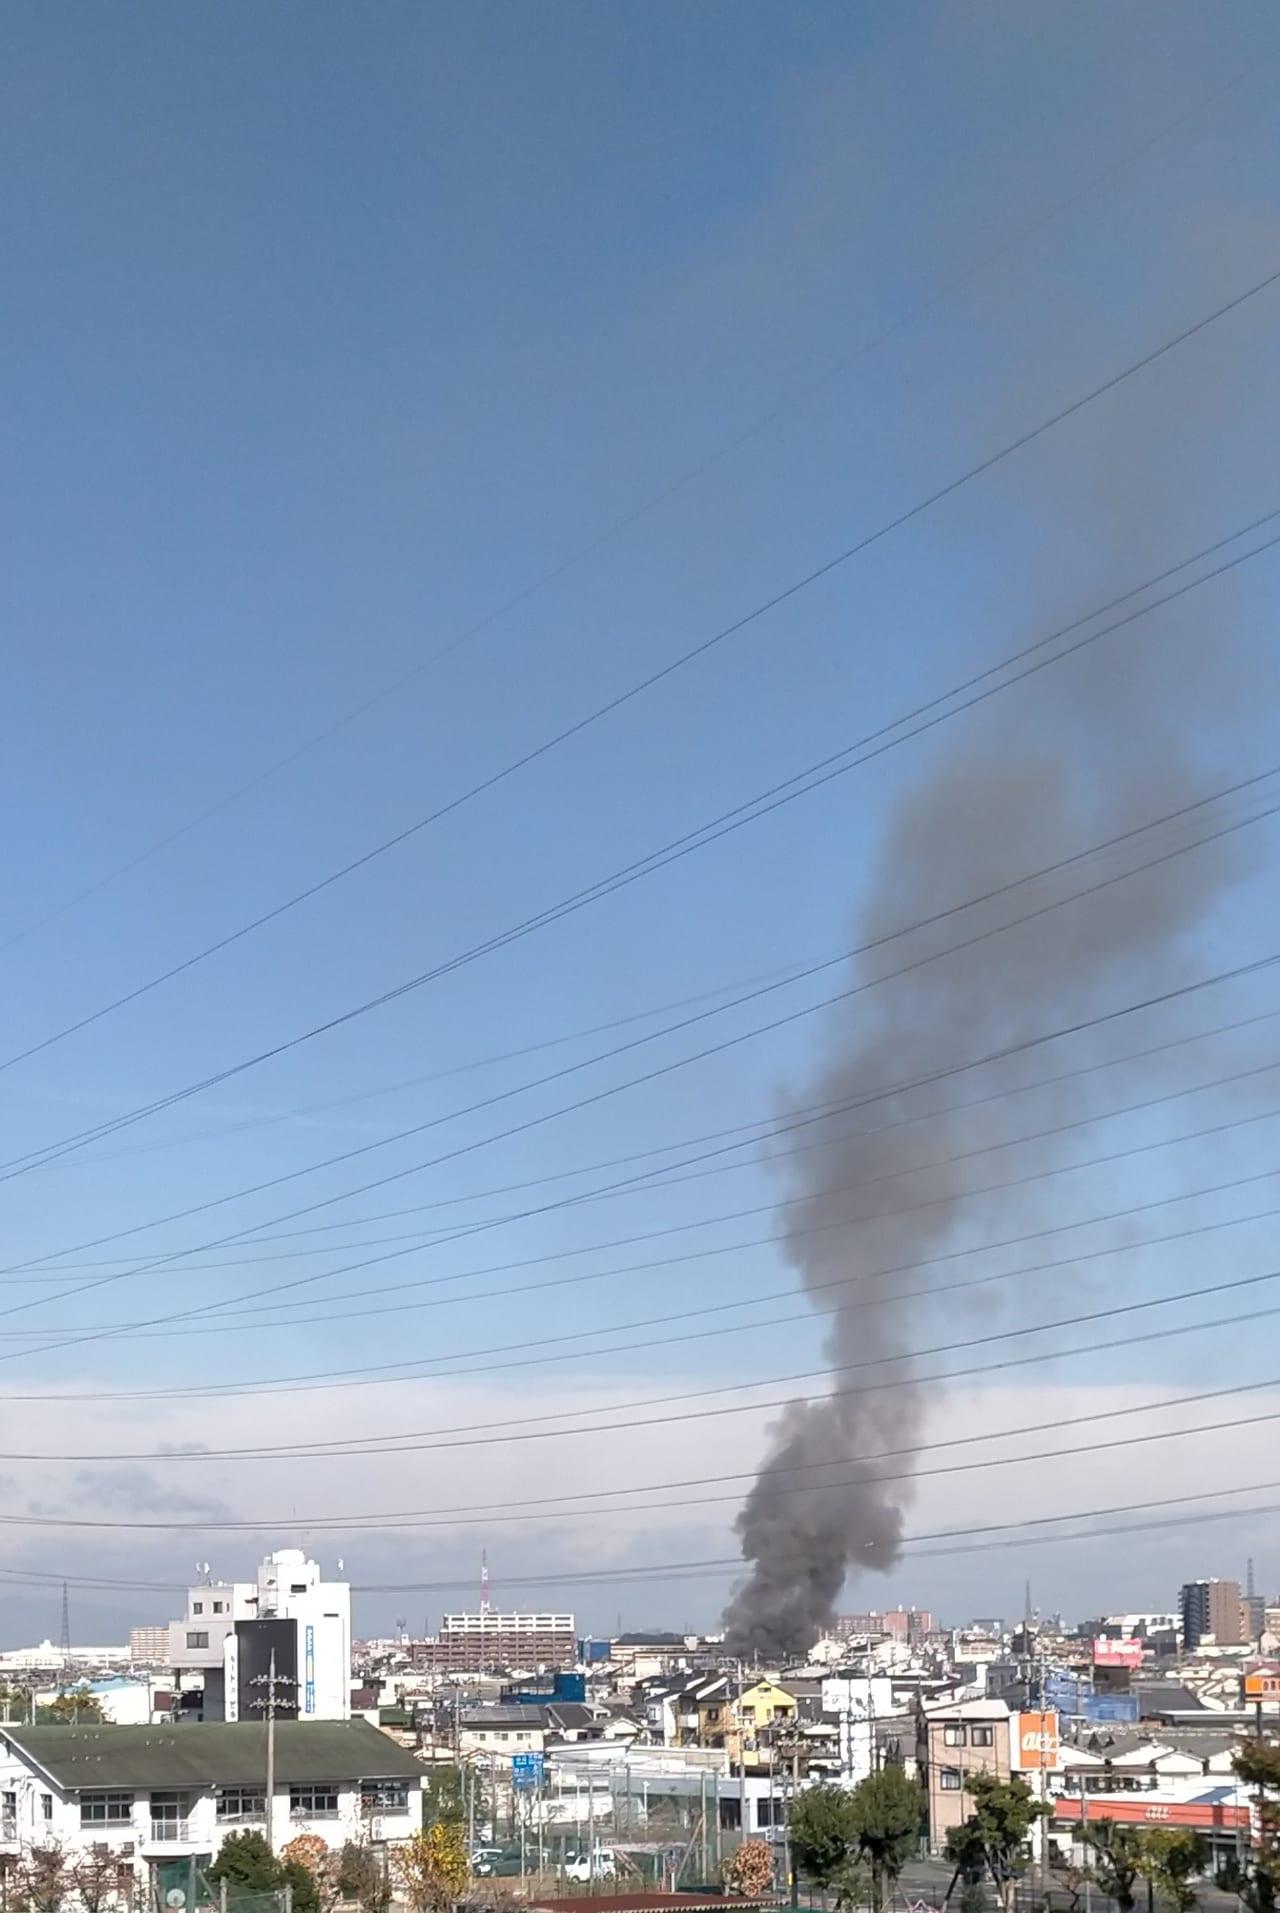 火事 どこ 市 宮崎